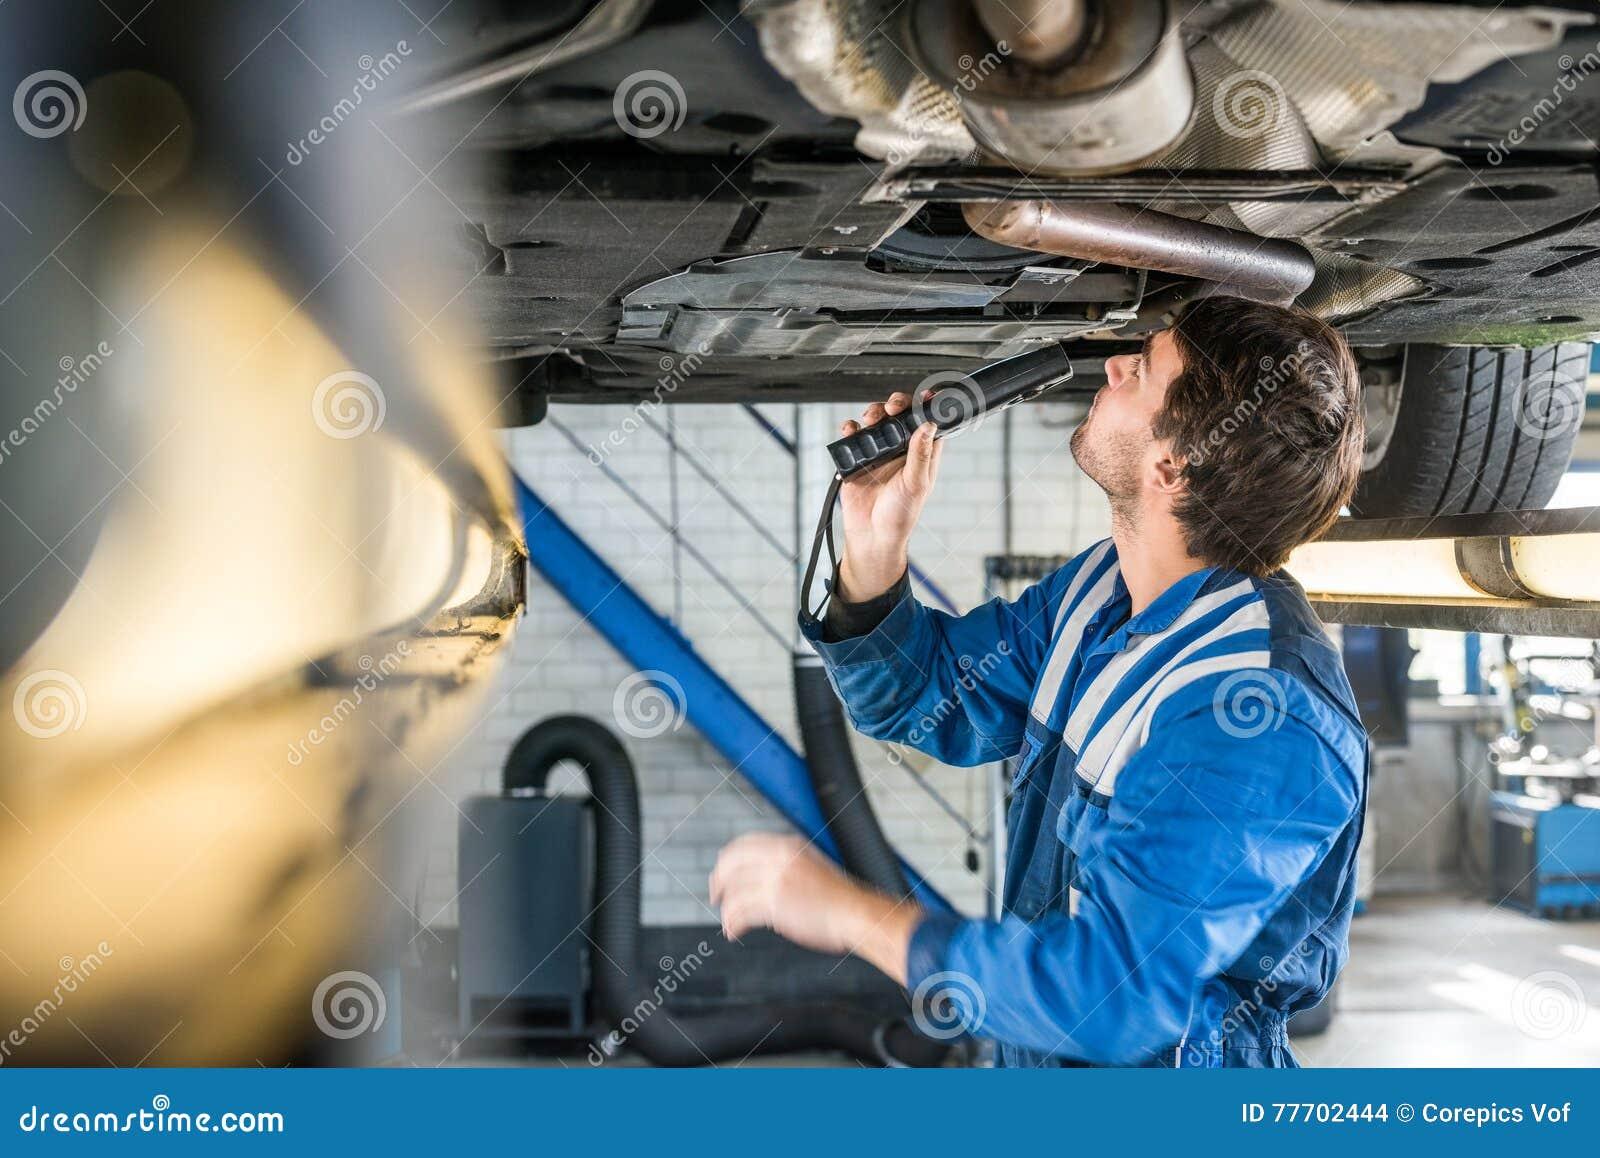 mechanic with flashlight examining under the car stock photo image